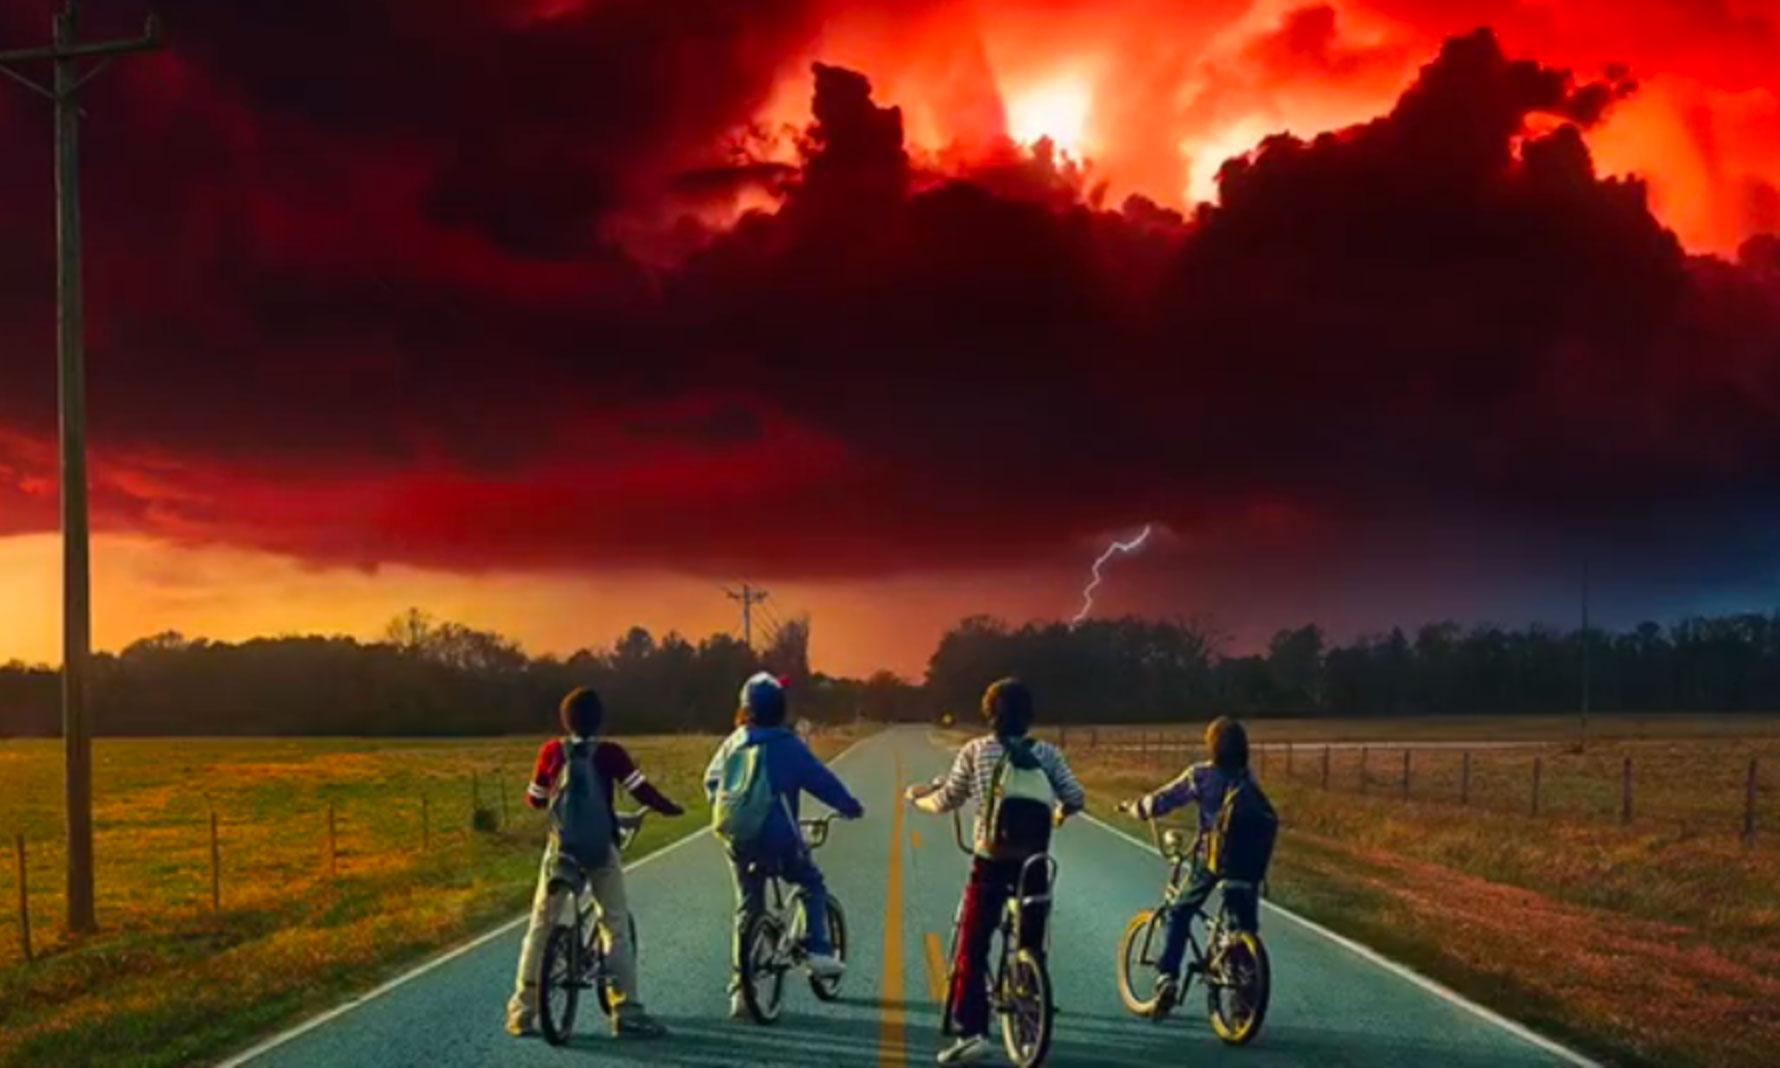 《怪奇物语 2》官方预告片正式发布